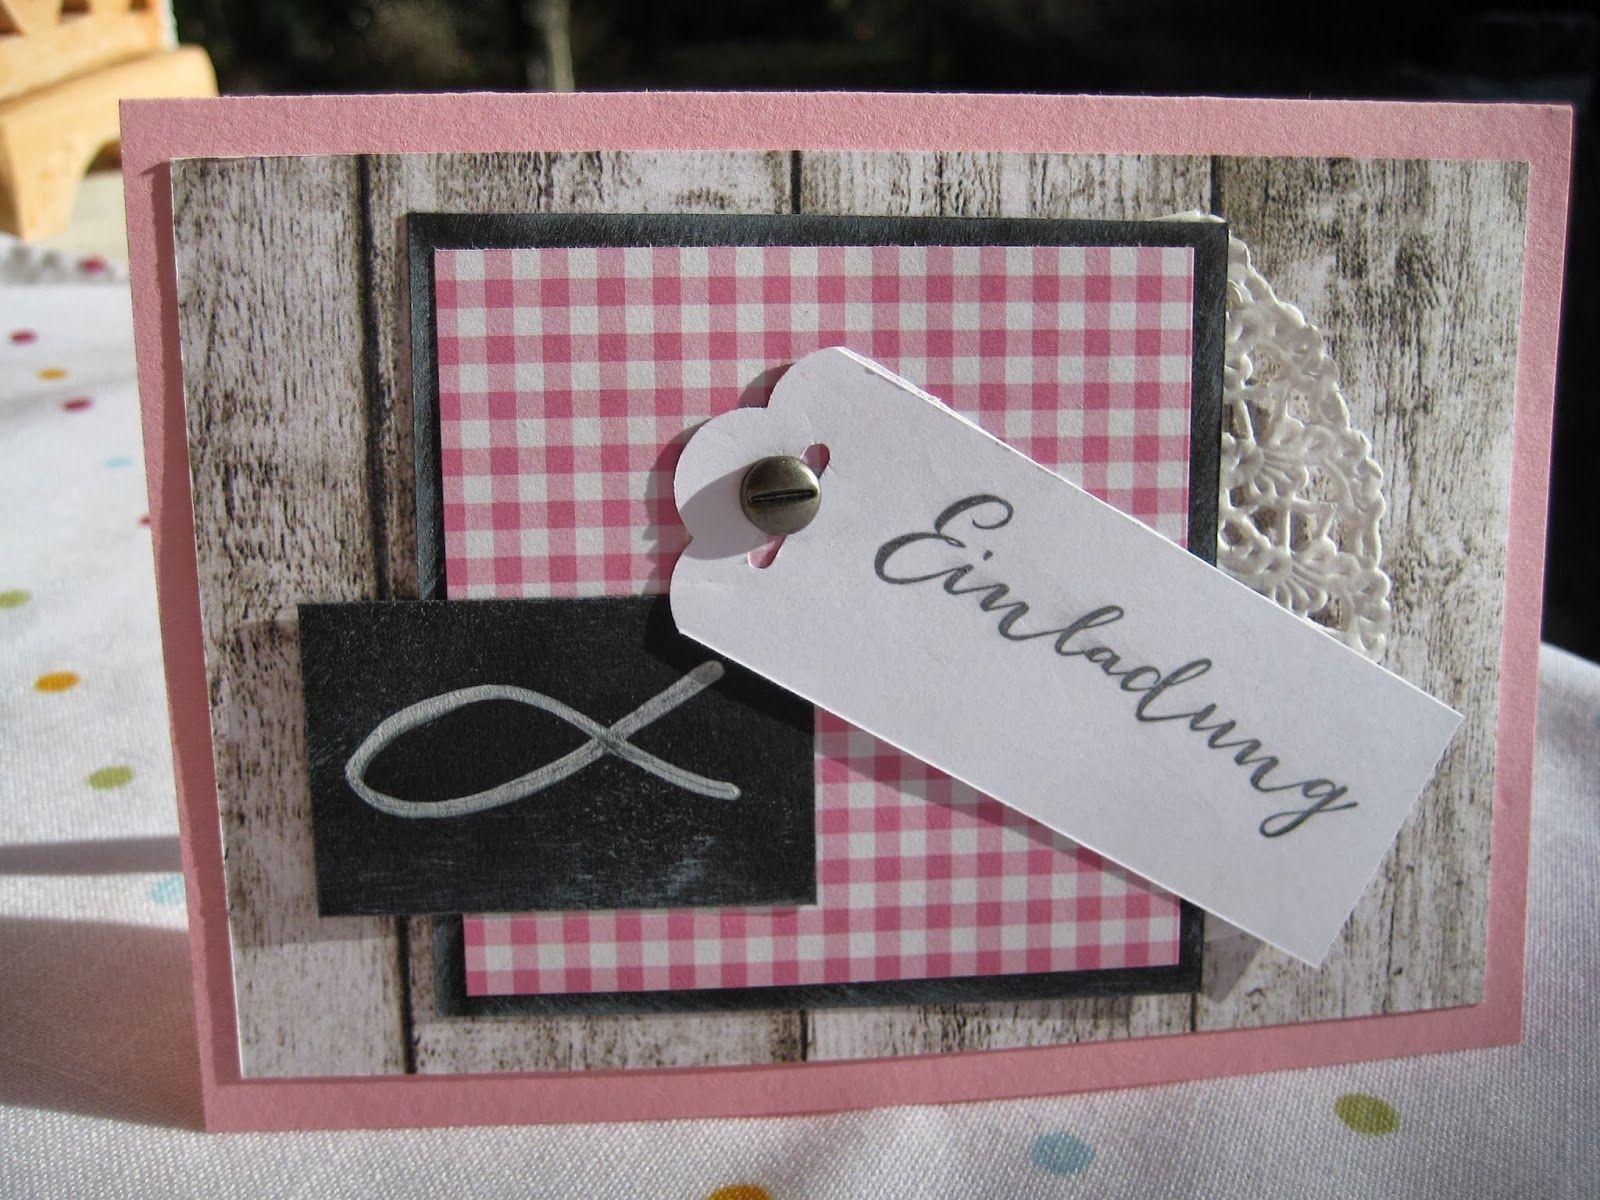 karoskreativkram.blogspot.de einladungskarte mit fisch, Einladung